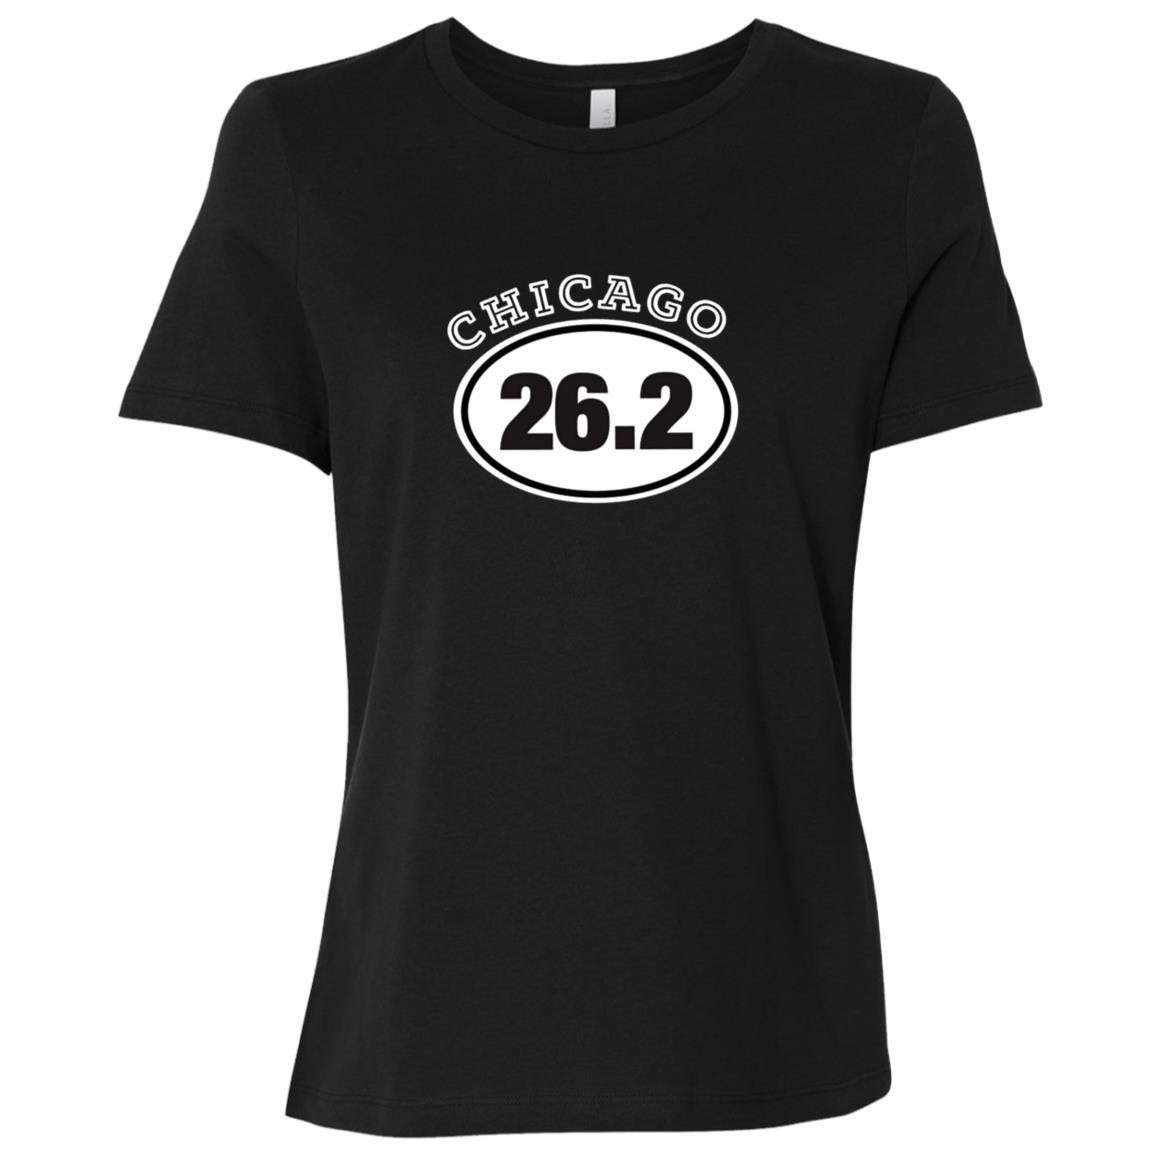 Chicago 26.2 Running Women Short Sleeve T-Shirt